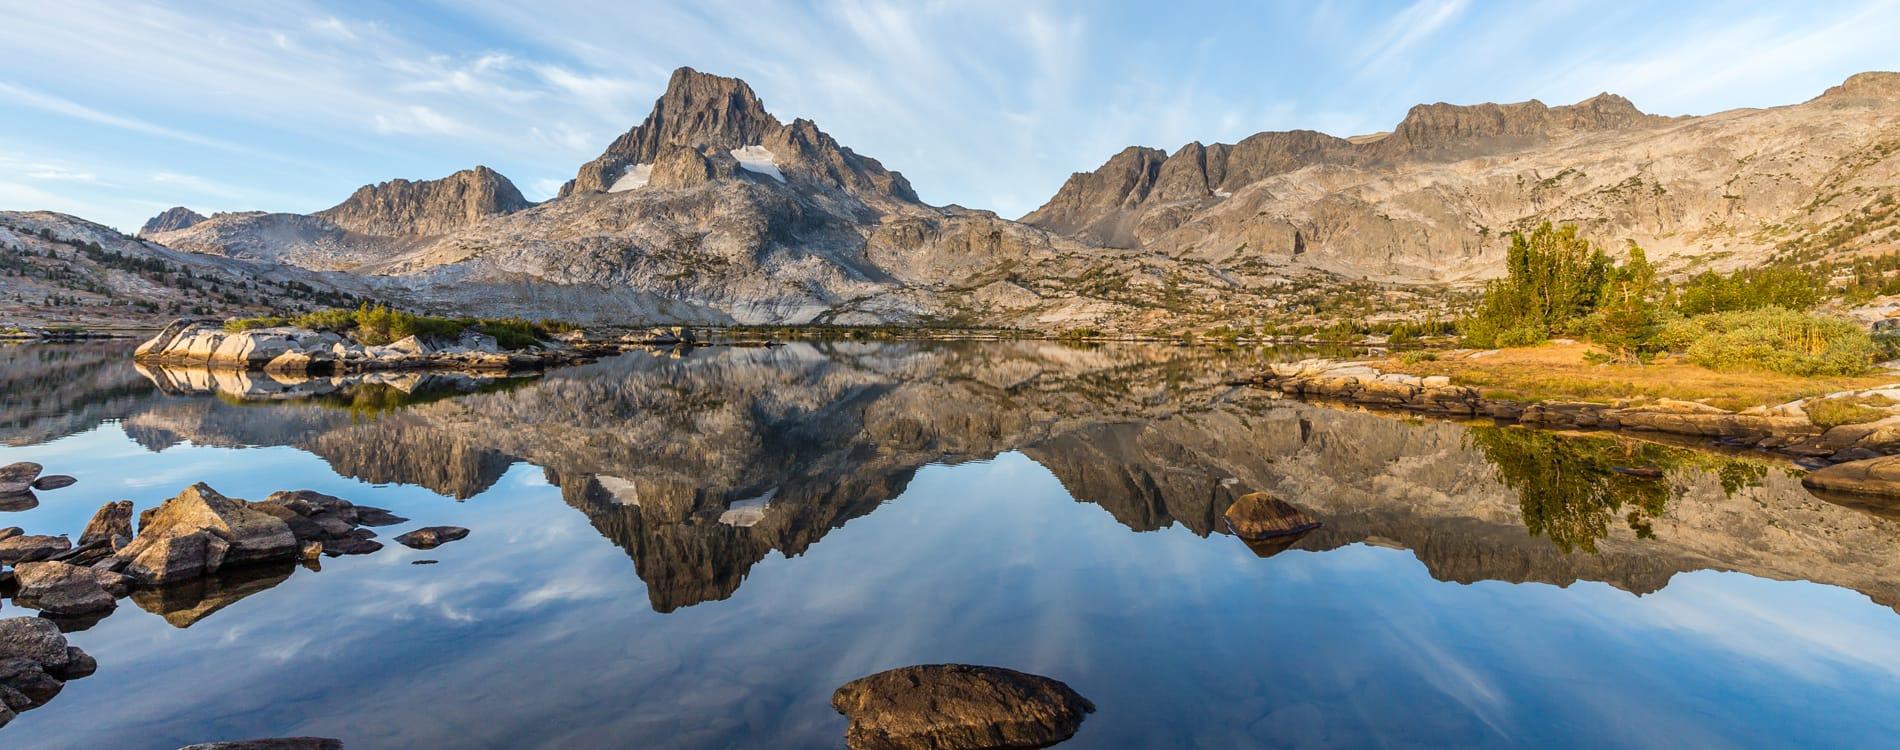 Mammoth Lakes California Cabin Rentals Amp Getaways All